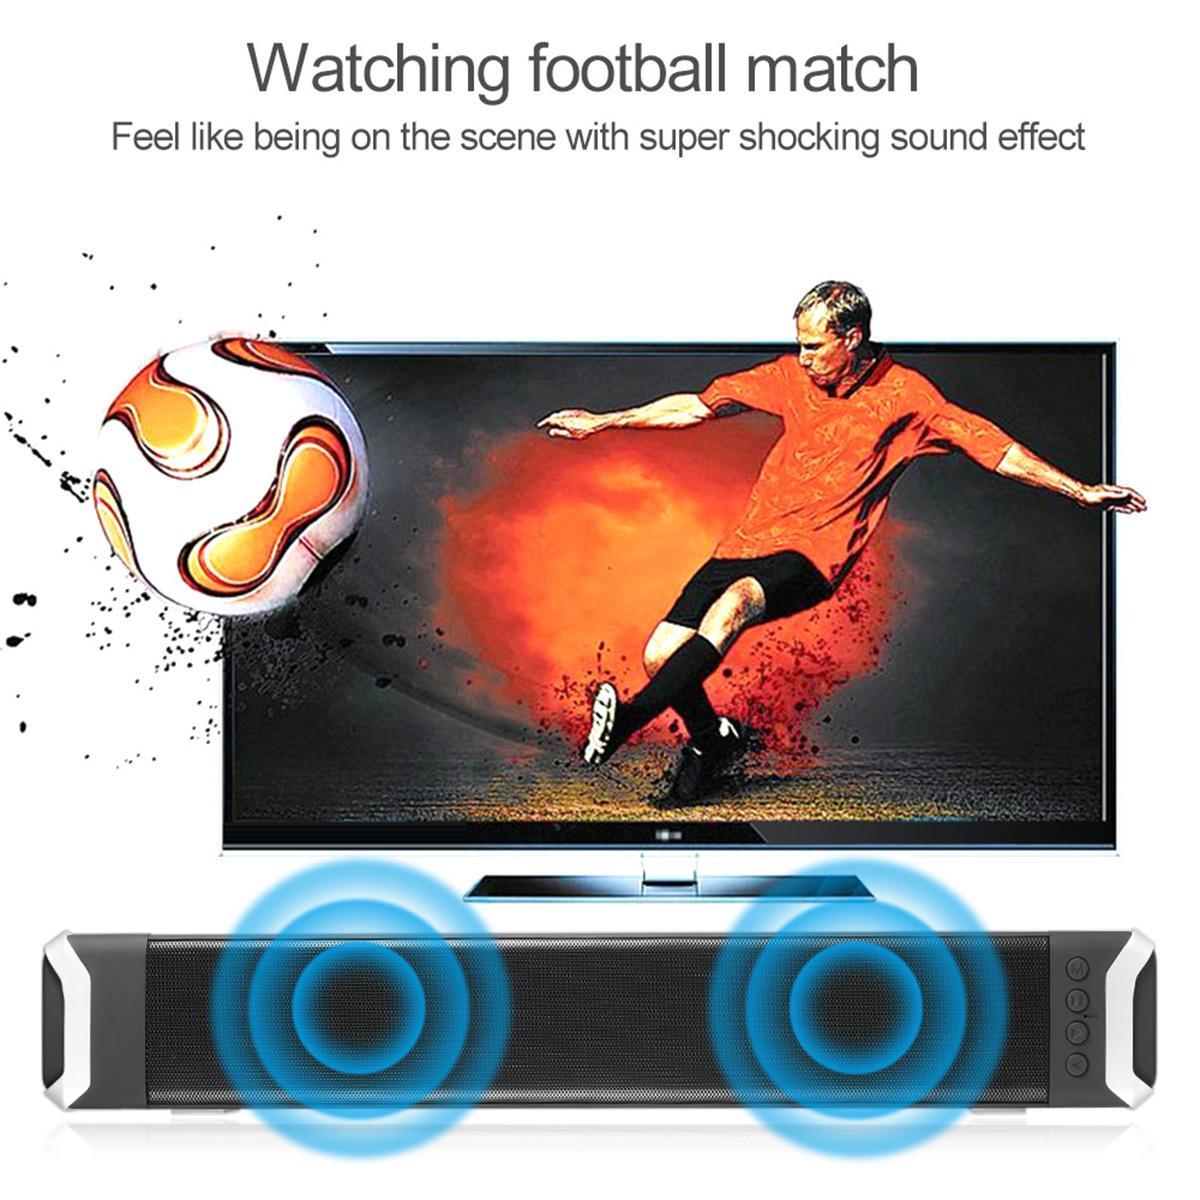 bluetooth Soundbar домашний кинотеатр ТВ динамик сабвуфер беспроводные стереодинамики TF карта-объемный звук бар ТВ Оптовая DHL бесплатно